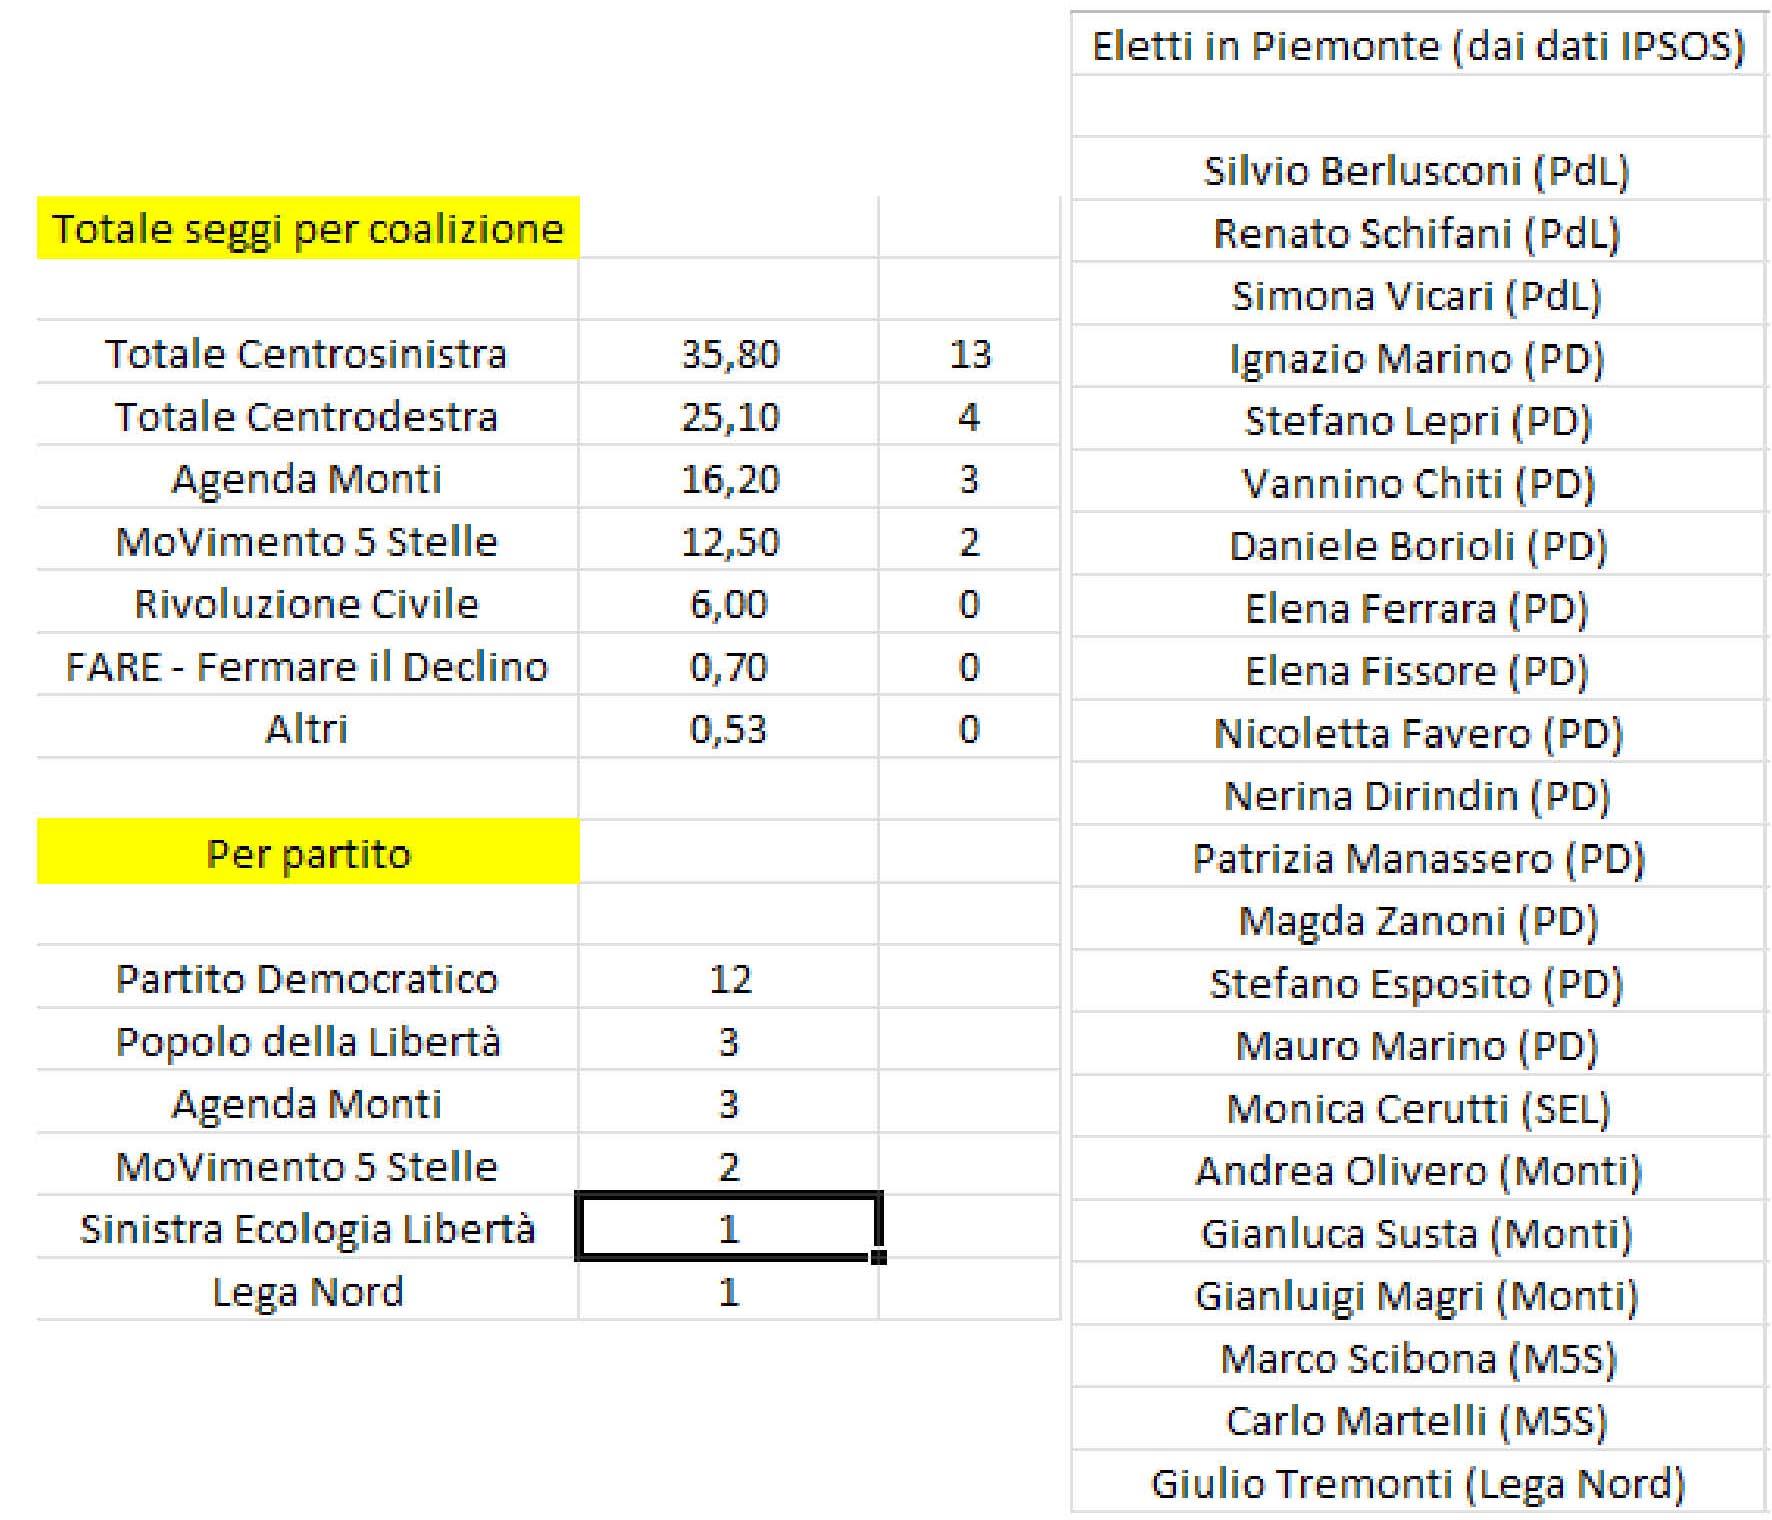 Lista Senatori Of Elezioni 2013 La Battaglia Campale Per Il Senato Il